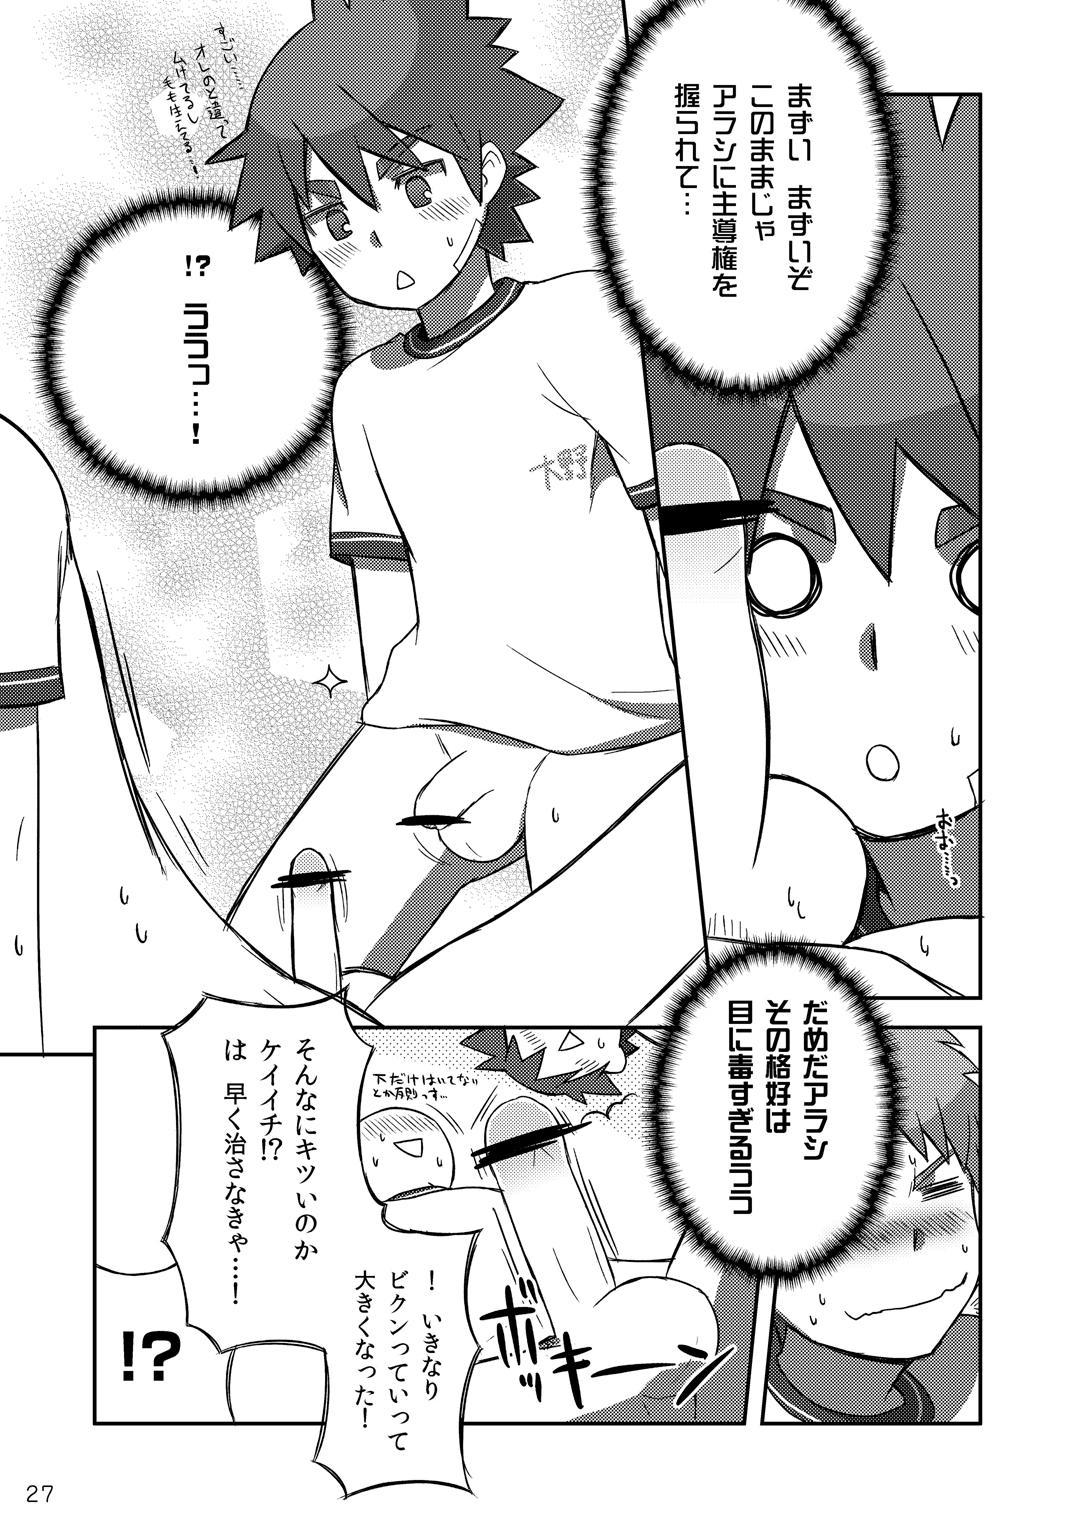 (Shota Scratch 18) [Drum-Kan (Kine)] Arashi-kun to Keiichi-kun. 26